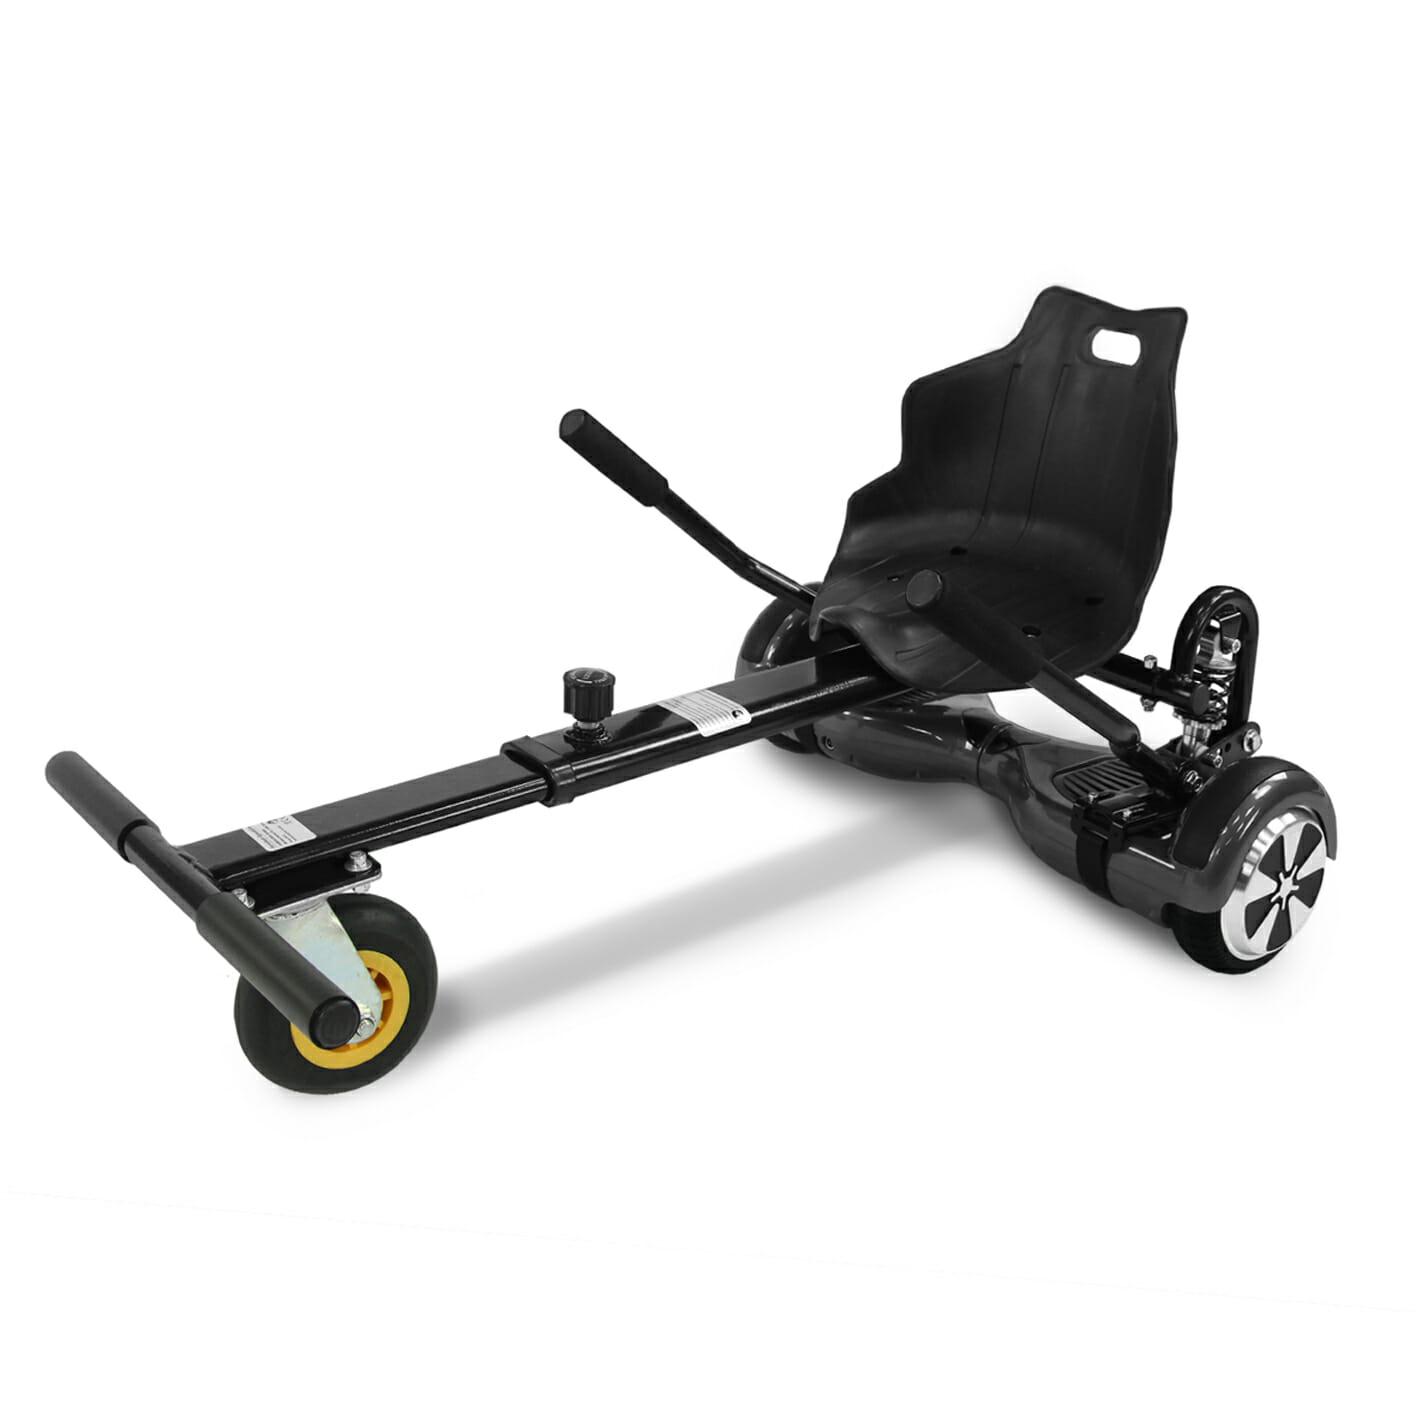 hoverkart speedride fs2 f r hoverboards f r nur 79 90. Black Bedroom Furniture Sets. Home Design Ideas